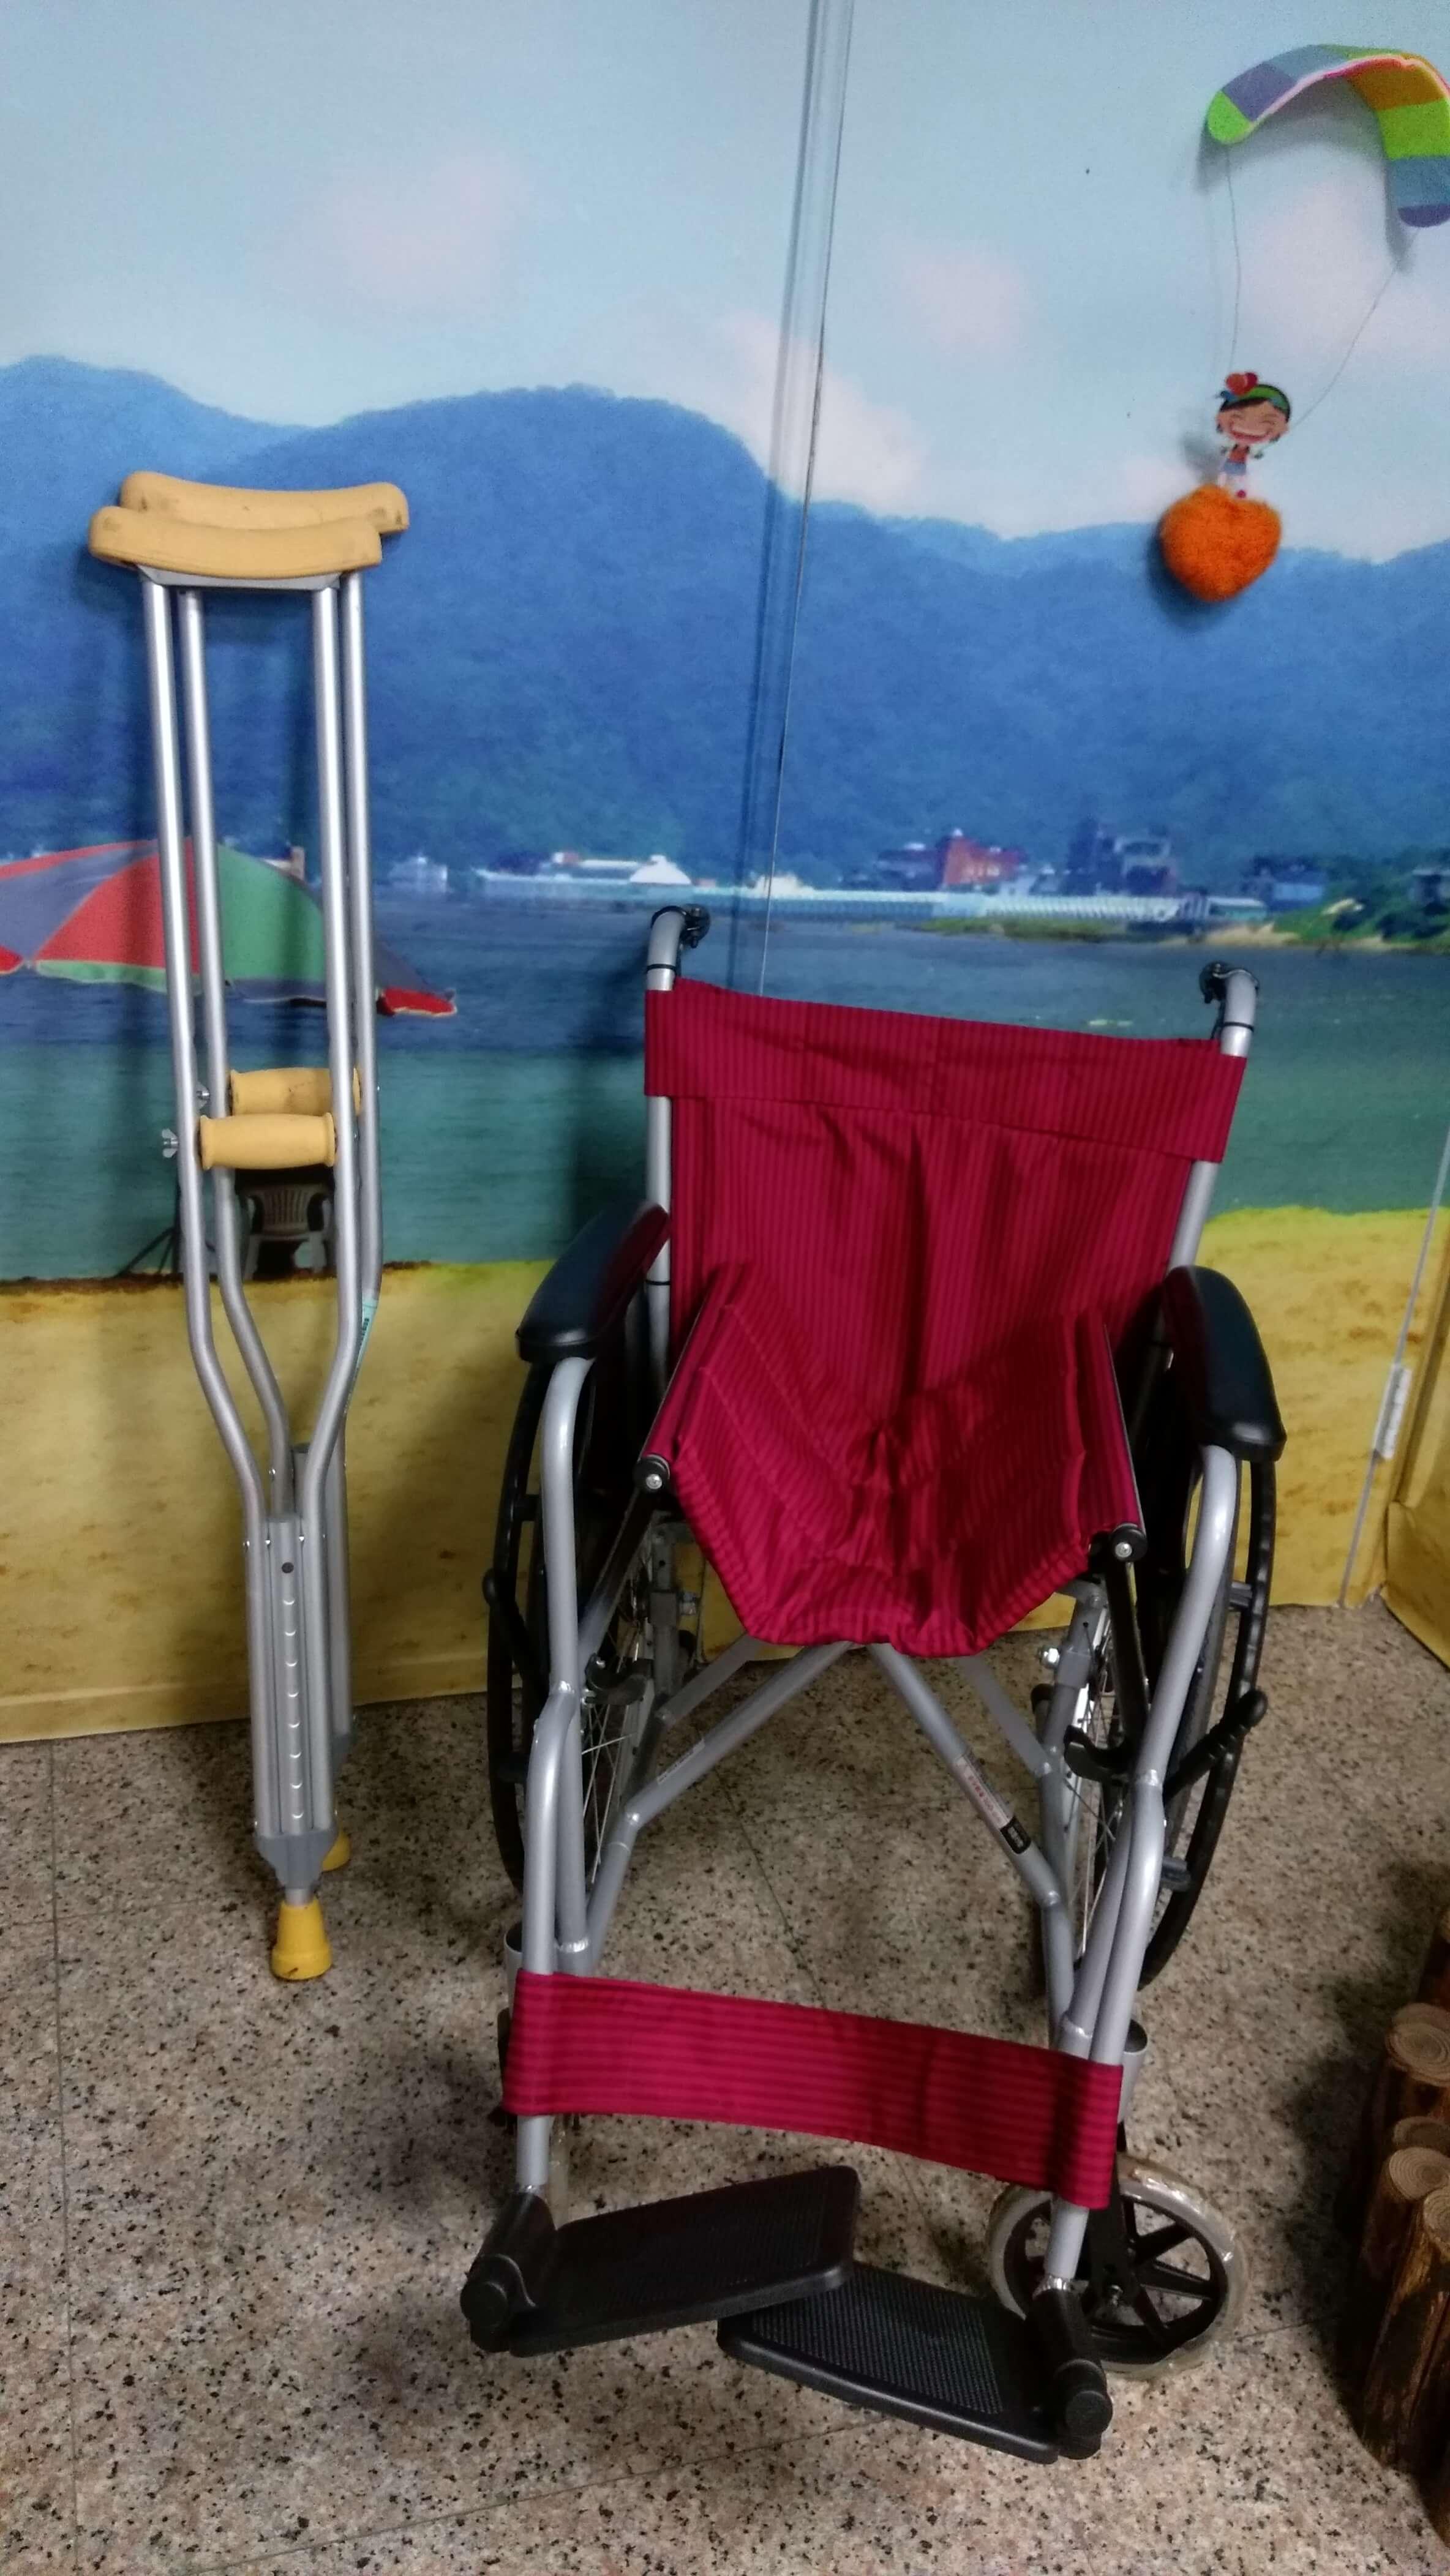 愛心輪椅、手扶架(拐杖)